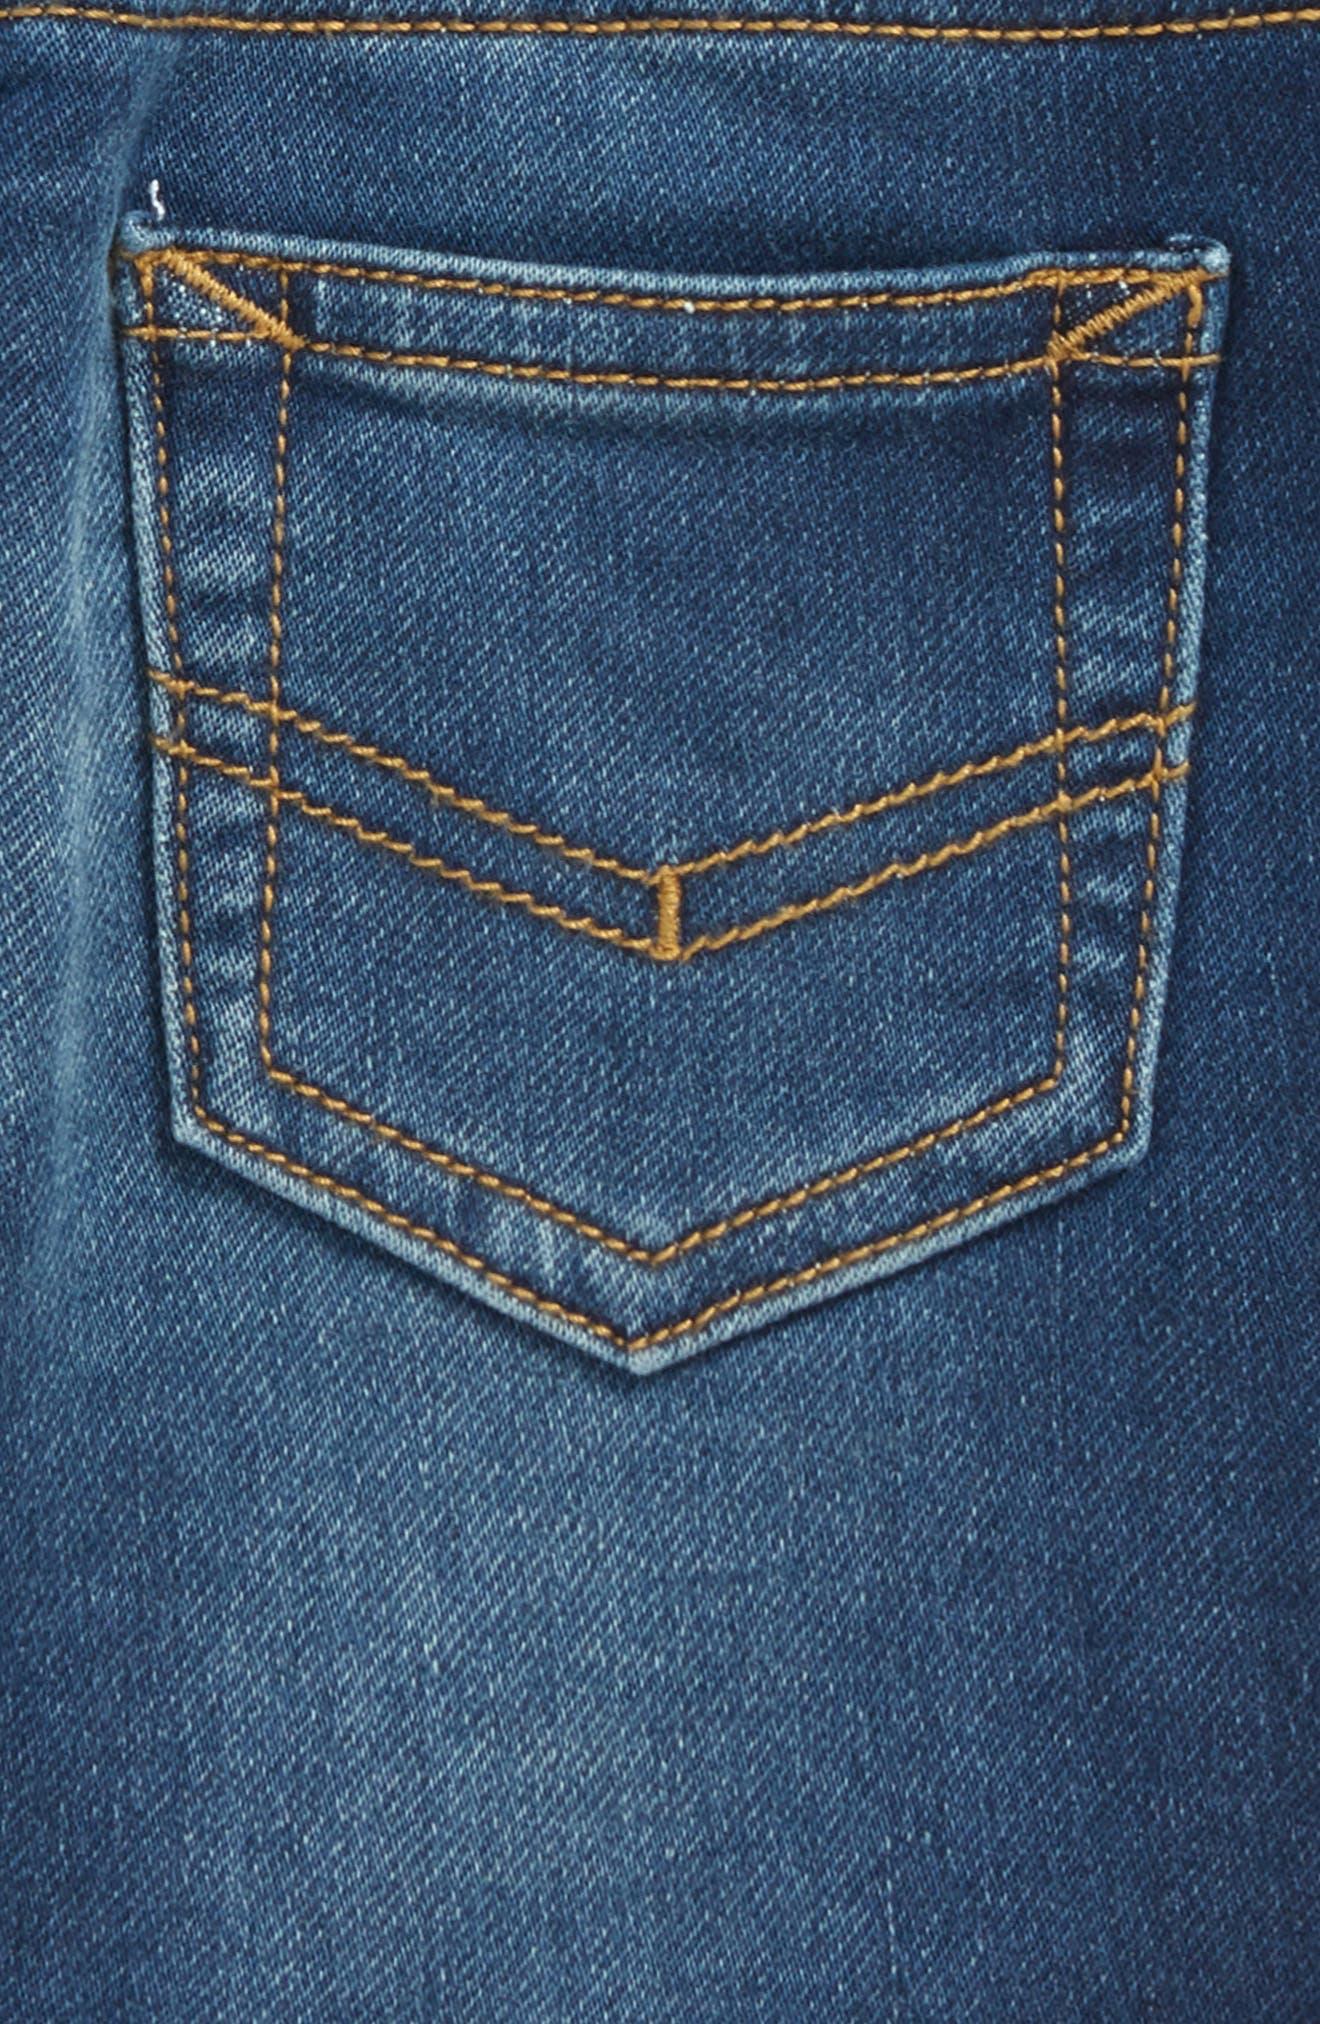 TUCKER + TATE,                             Denim Shorts,                             Alternate thumbnail 3, color,                             400